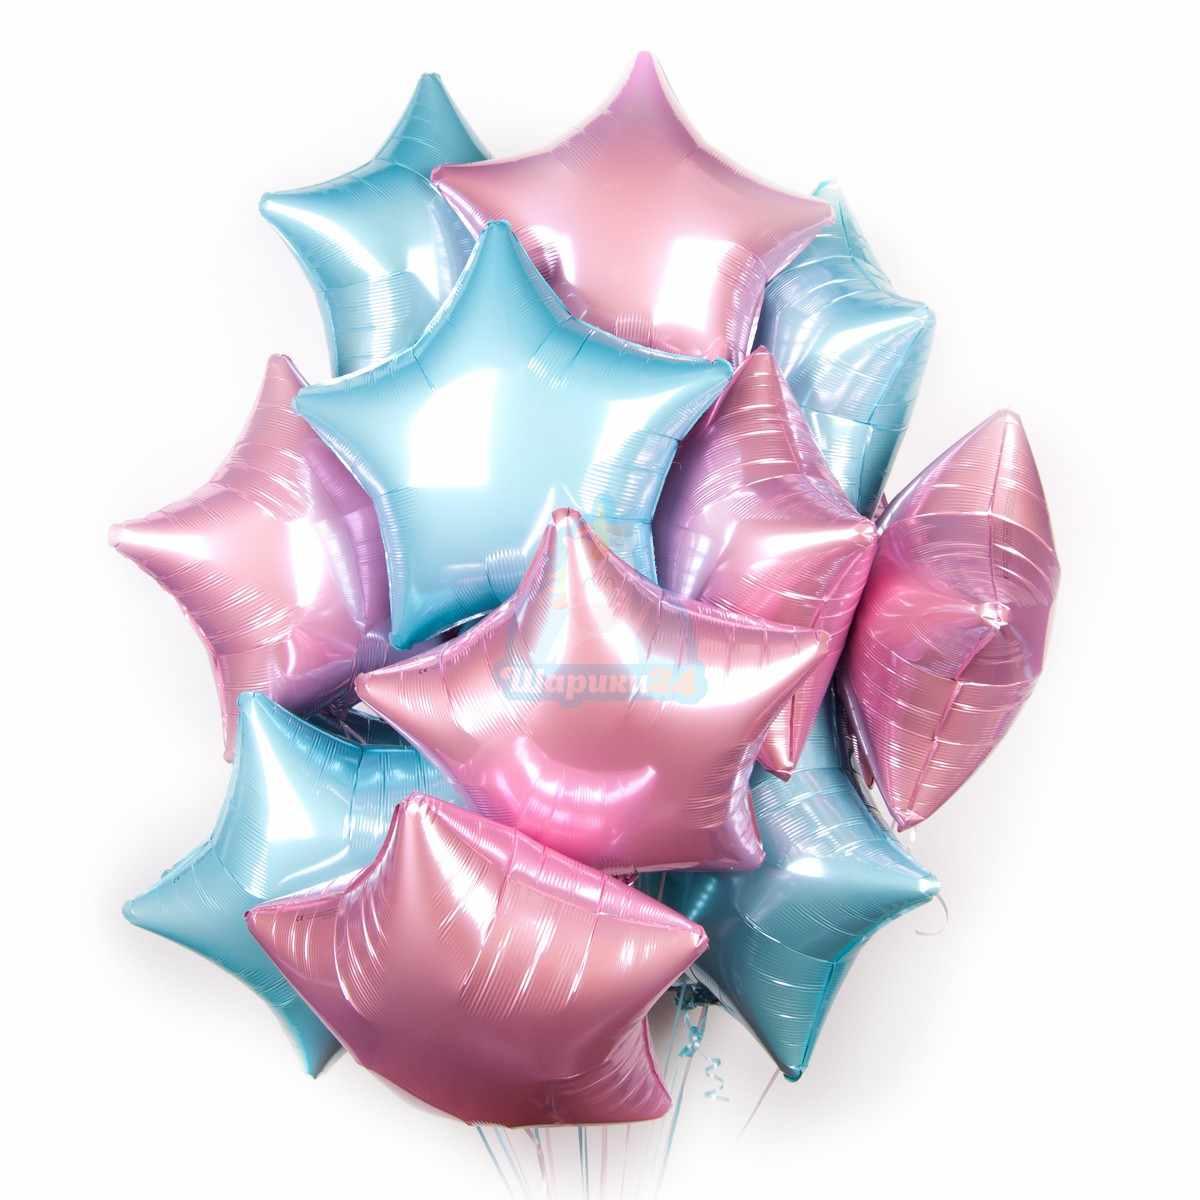 Облако розовых и голубых звезд фото в интернет-магазине Шарики 24